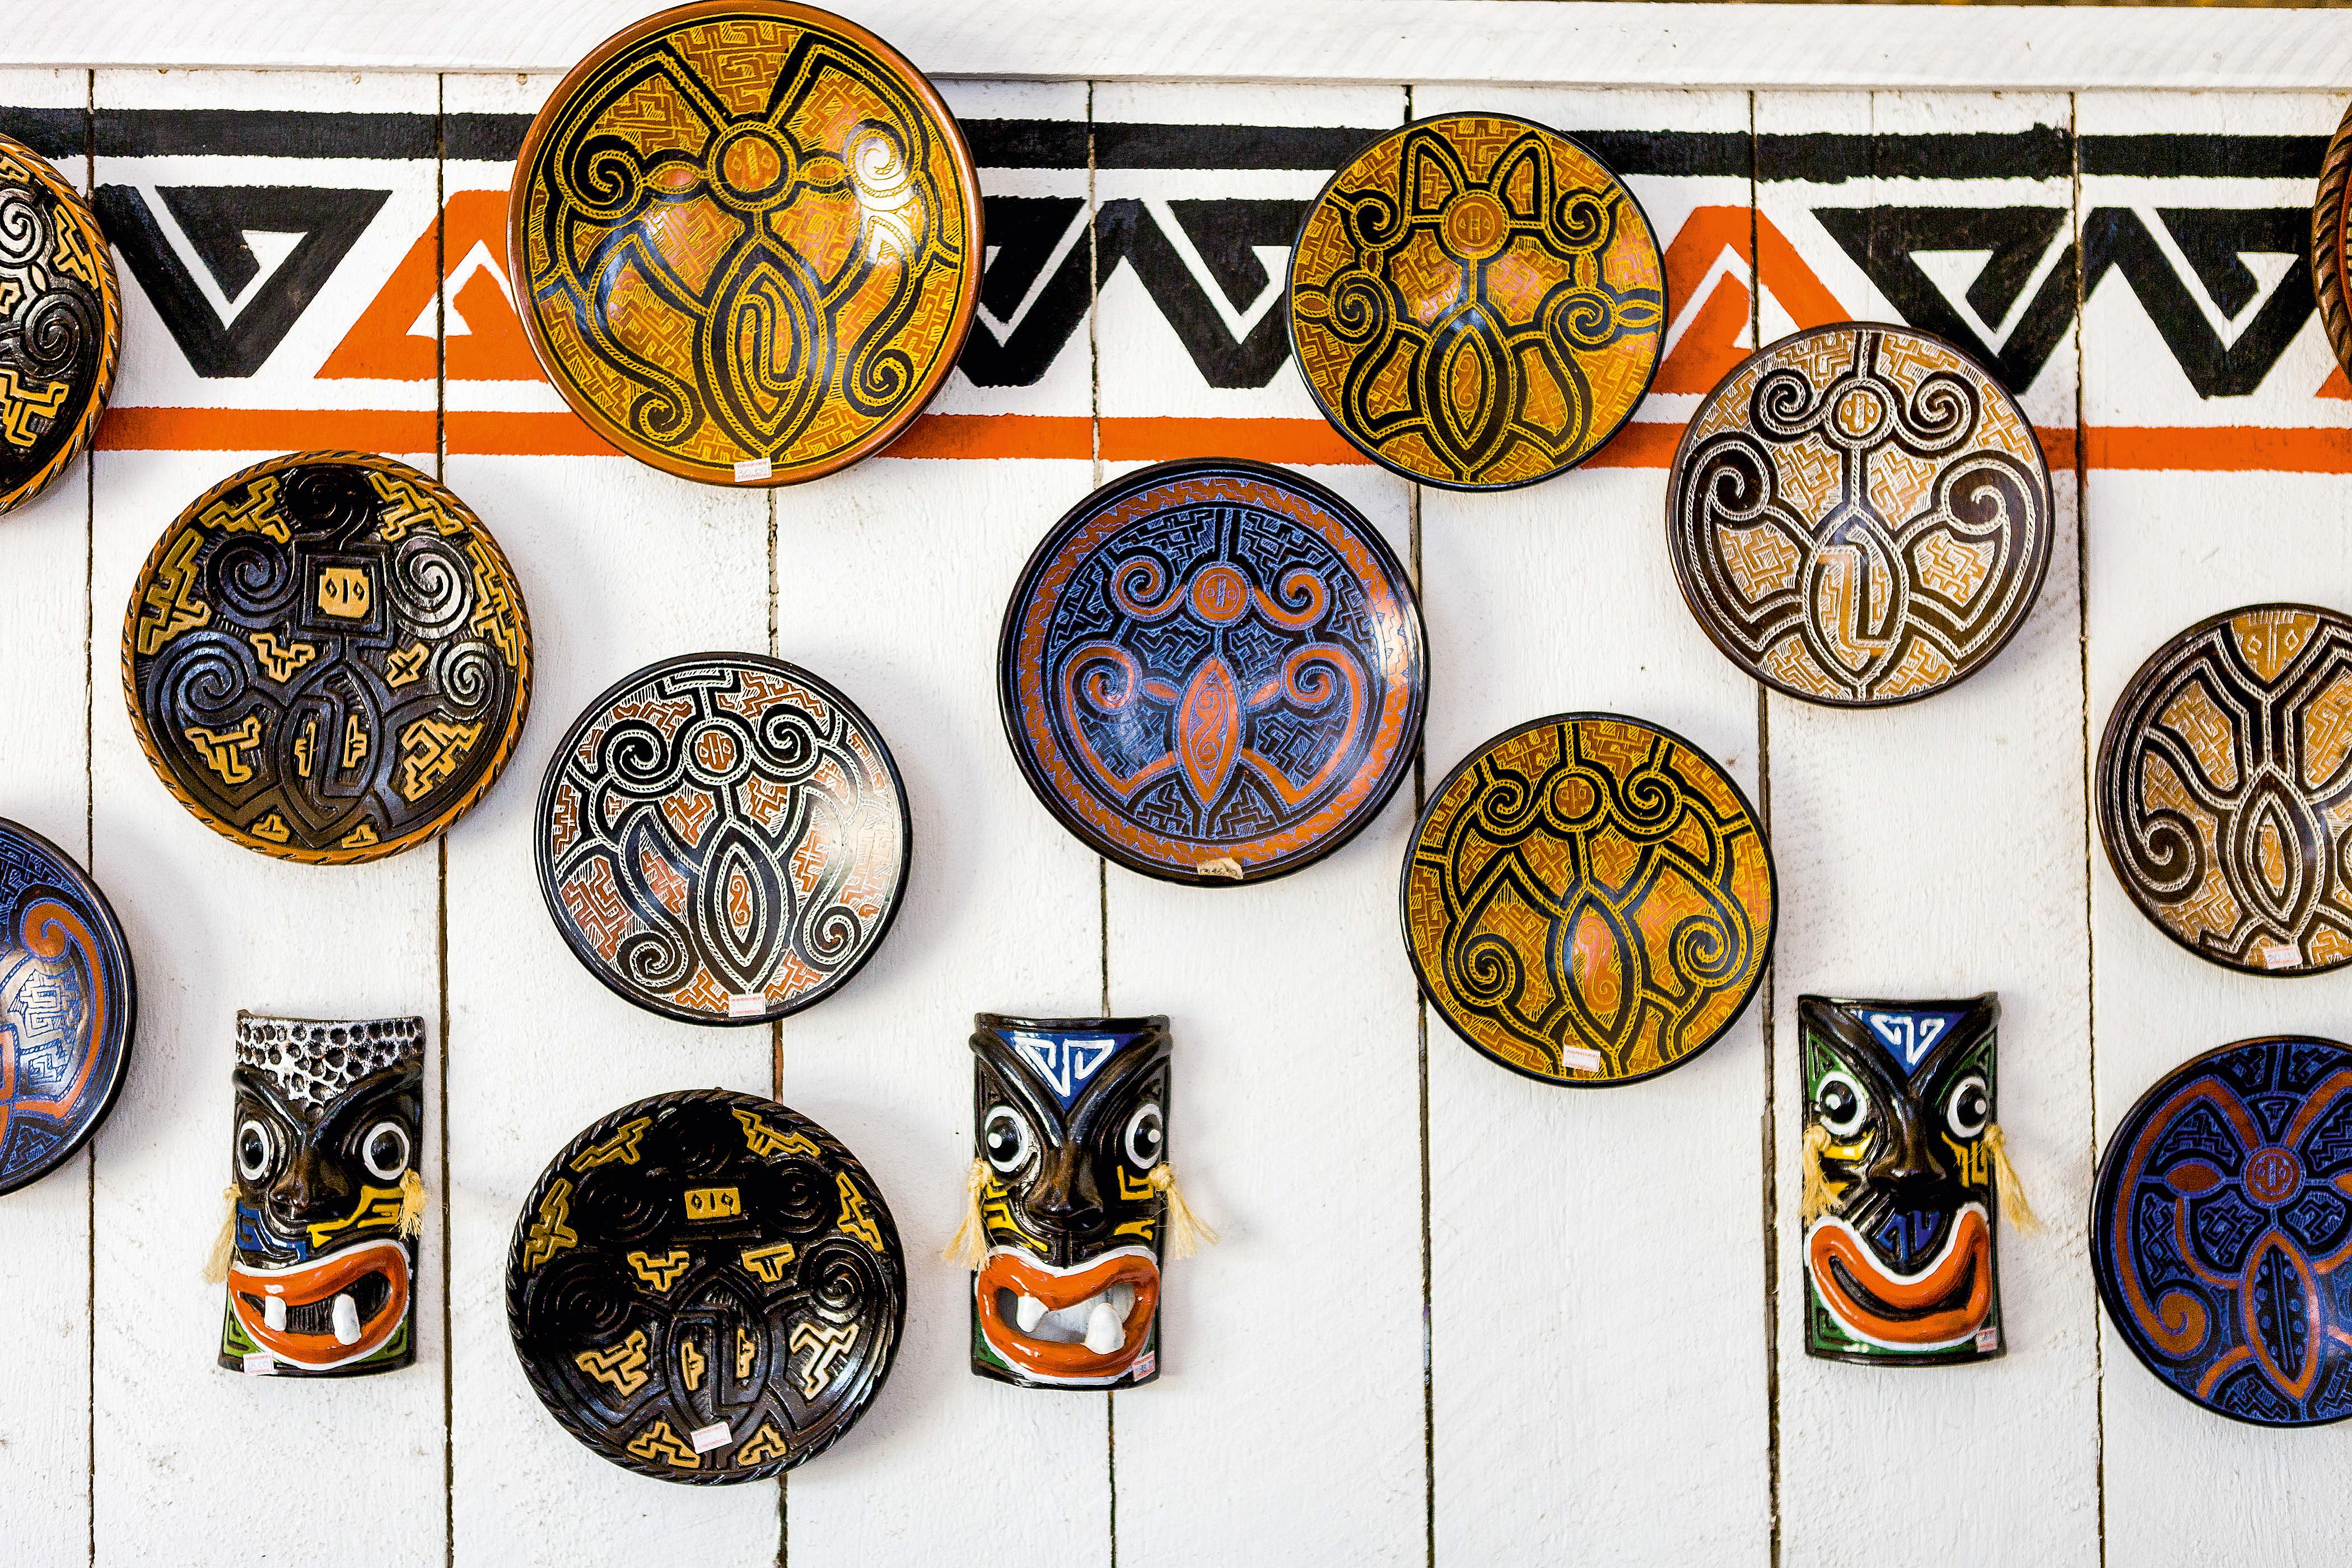 Pratos e máscaras artesanais com desenhos diferentes e tribais penduradas em uma parede